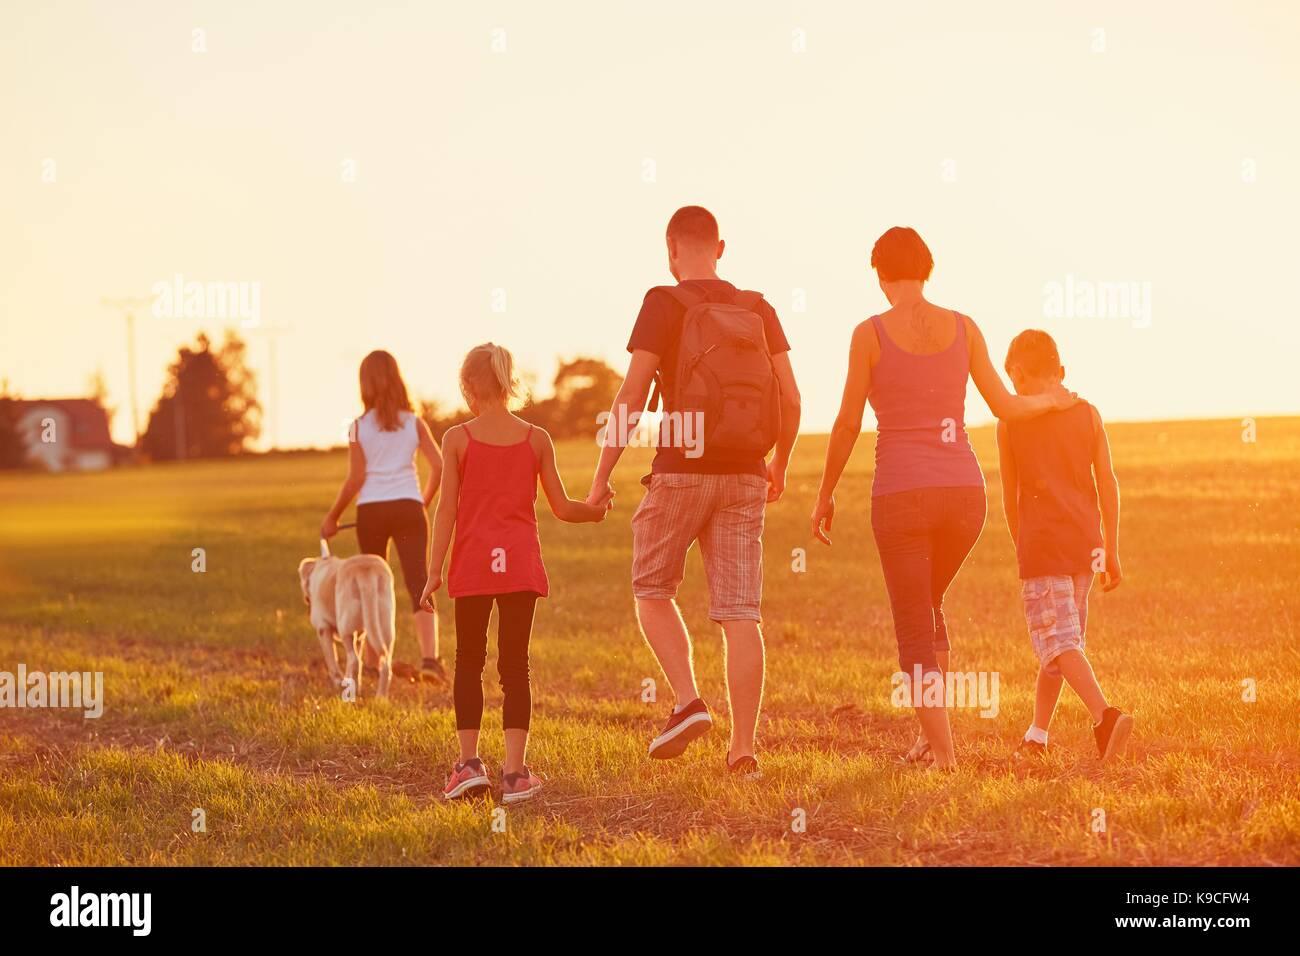 L'été à la campagne. silhouettes de la famille avec le chien sur le voyage au coucher du soleil. Photo Stock